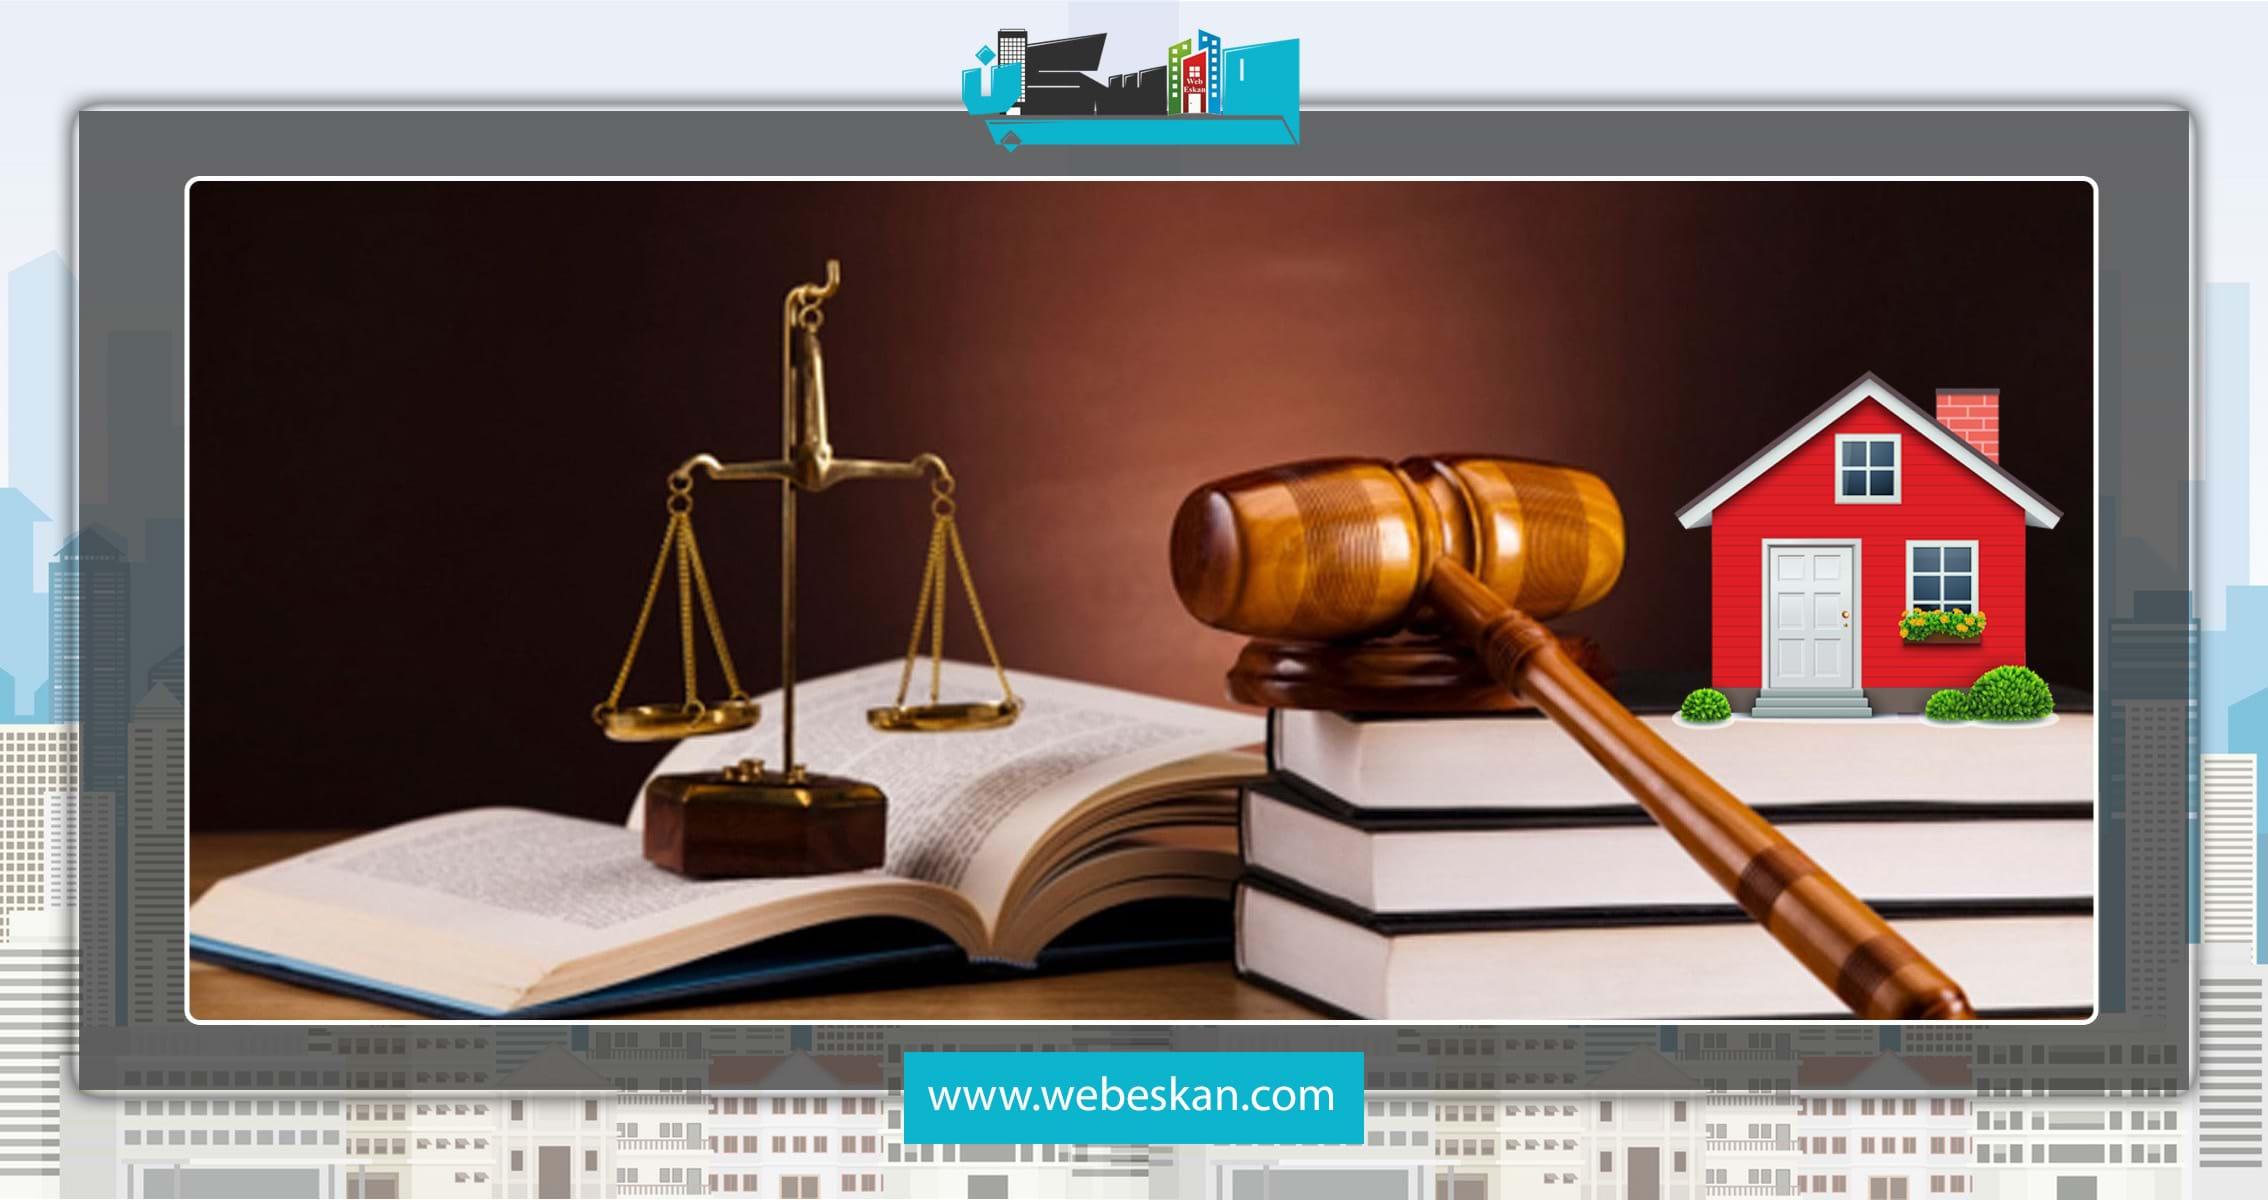 وکیل ملکی کیست و چه کاری انجام می دهد؟